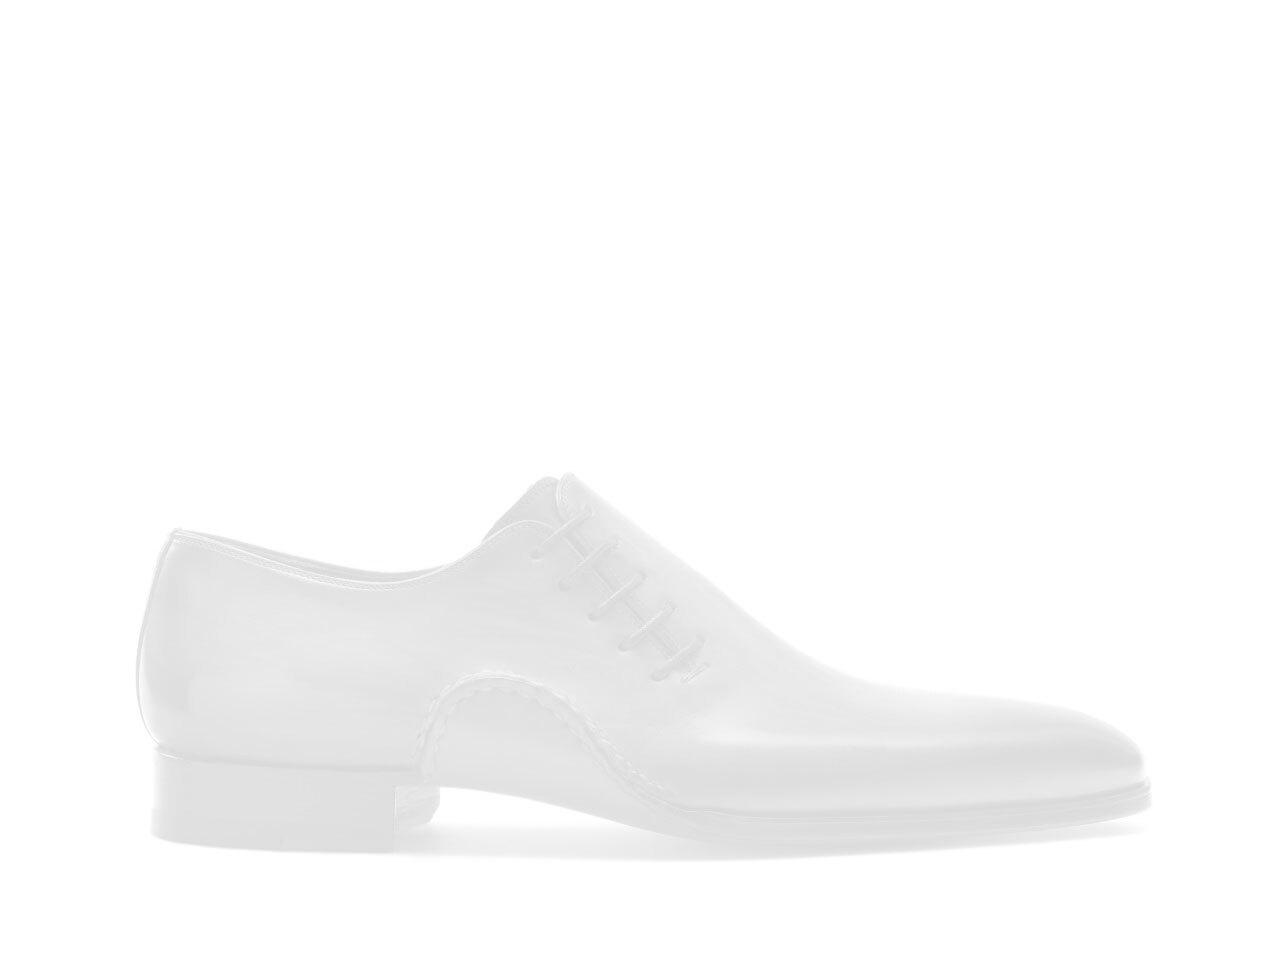 2e1e6e87e7 Side view of the Magnanni Carrera Grey Men's Single Monk Strap Shoes